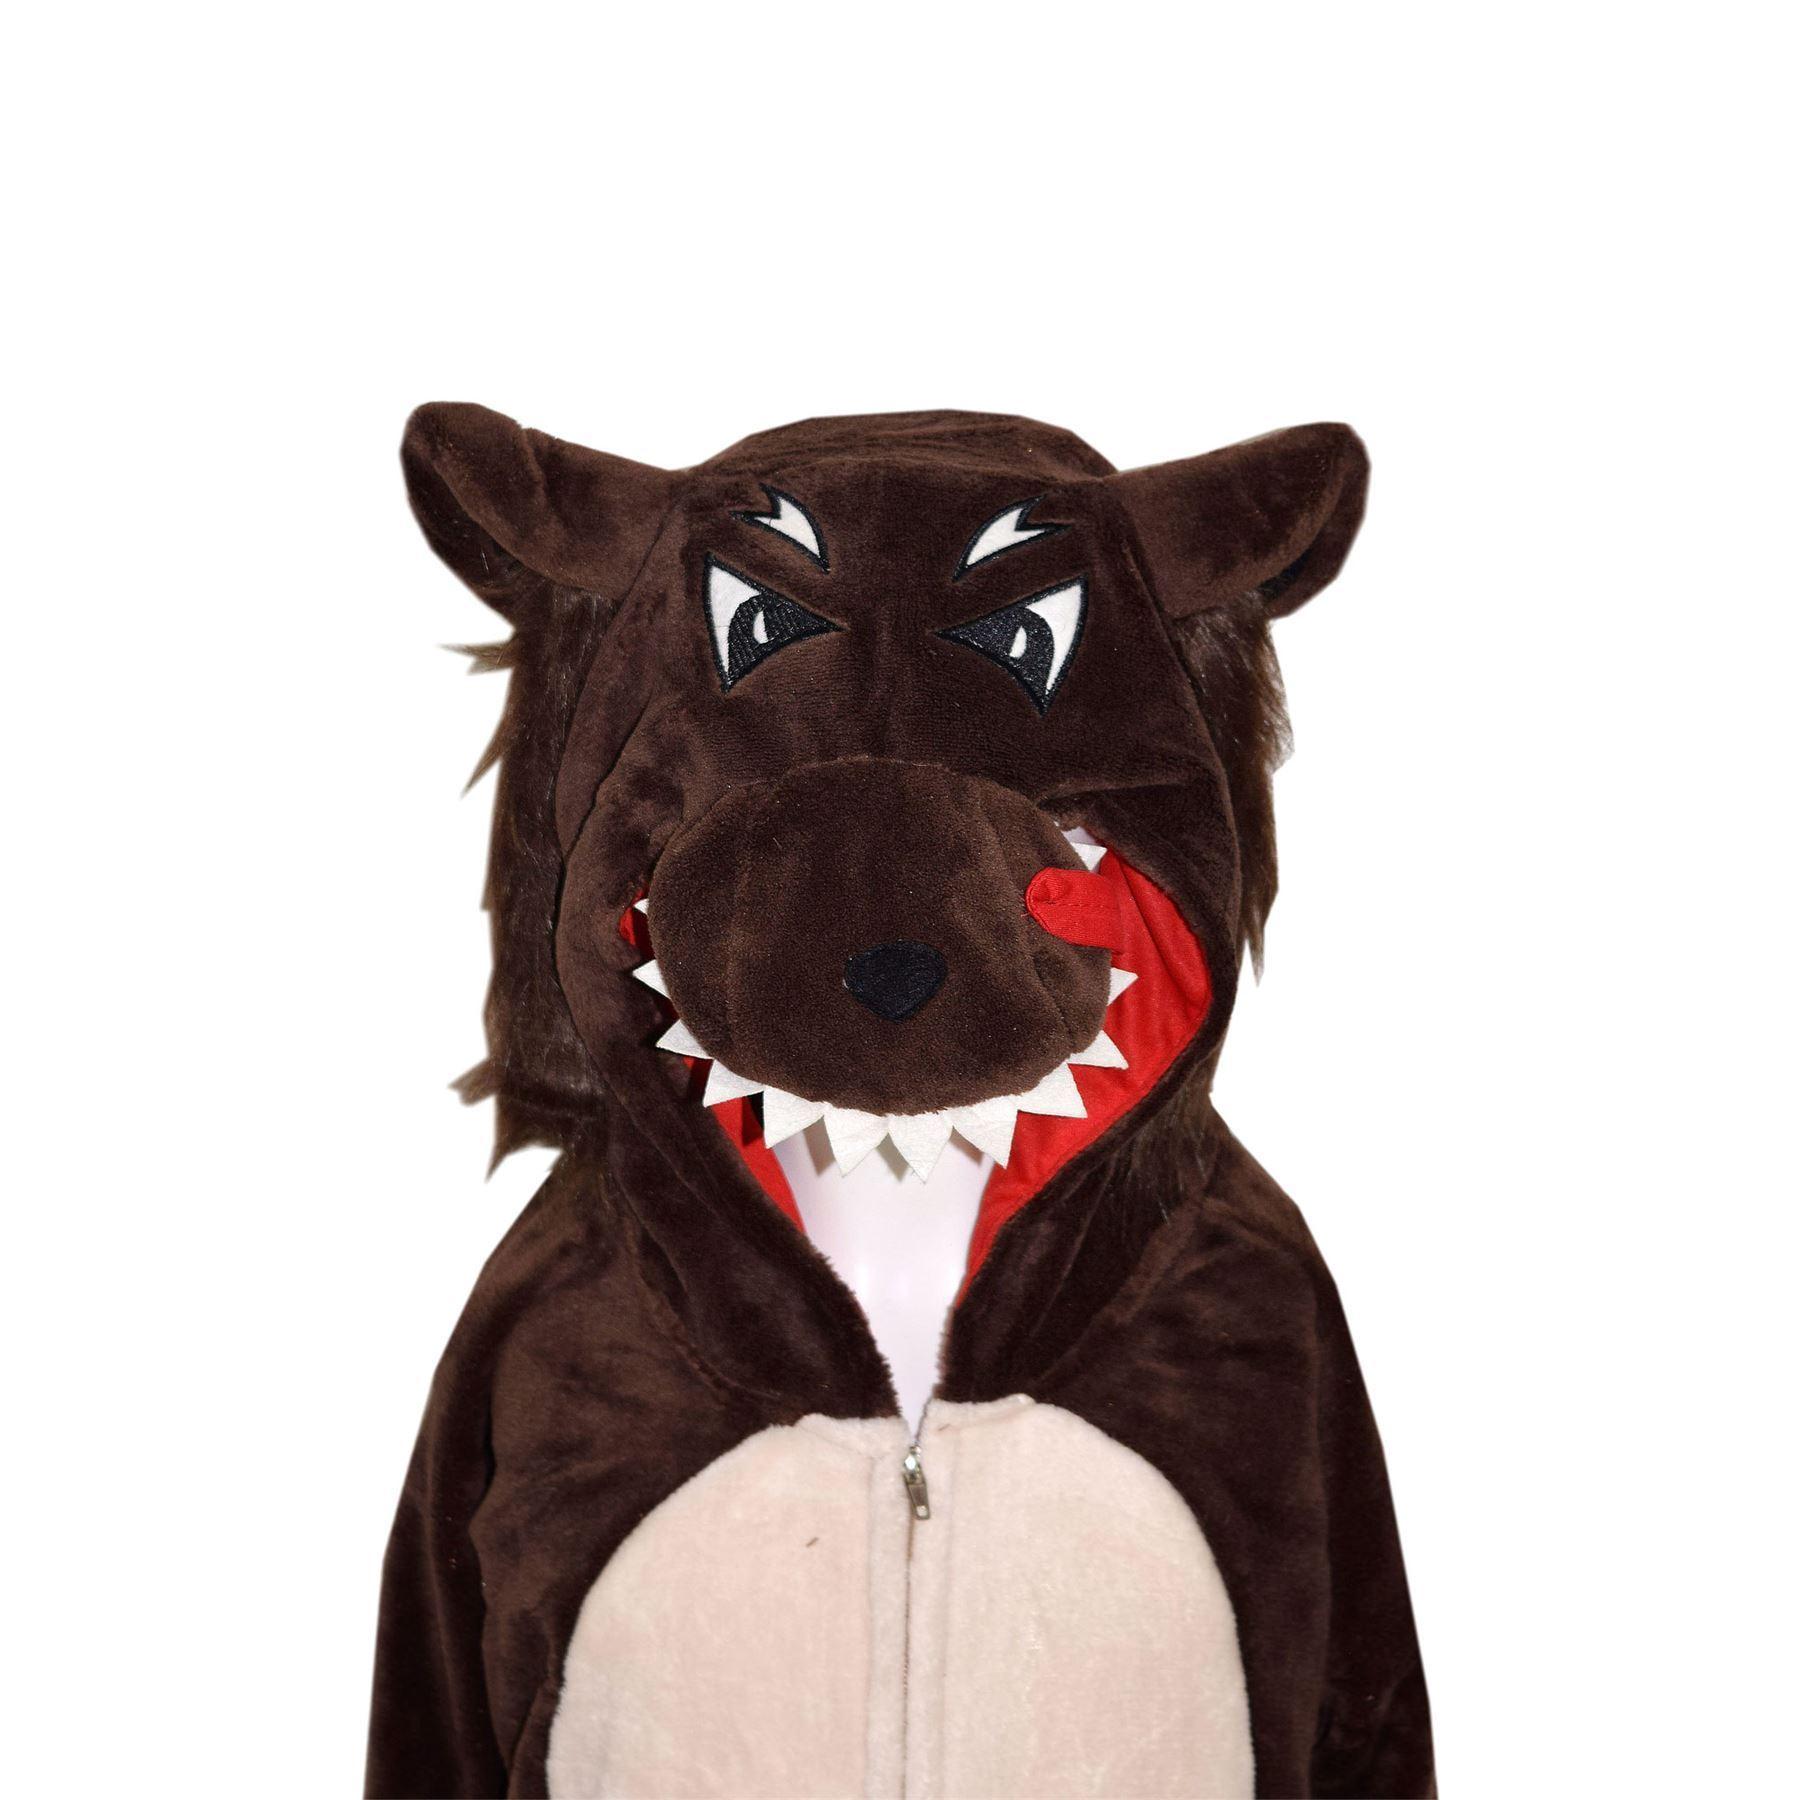 Ninos-Ninas-Ninos-Animales-Mono-Suave-Esponjoso-A2Z-Onesie-De-Una-Pieza-Disfraz-De-Halloween